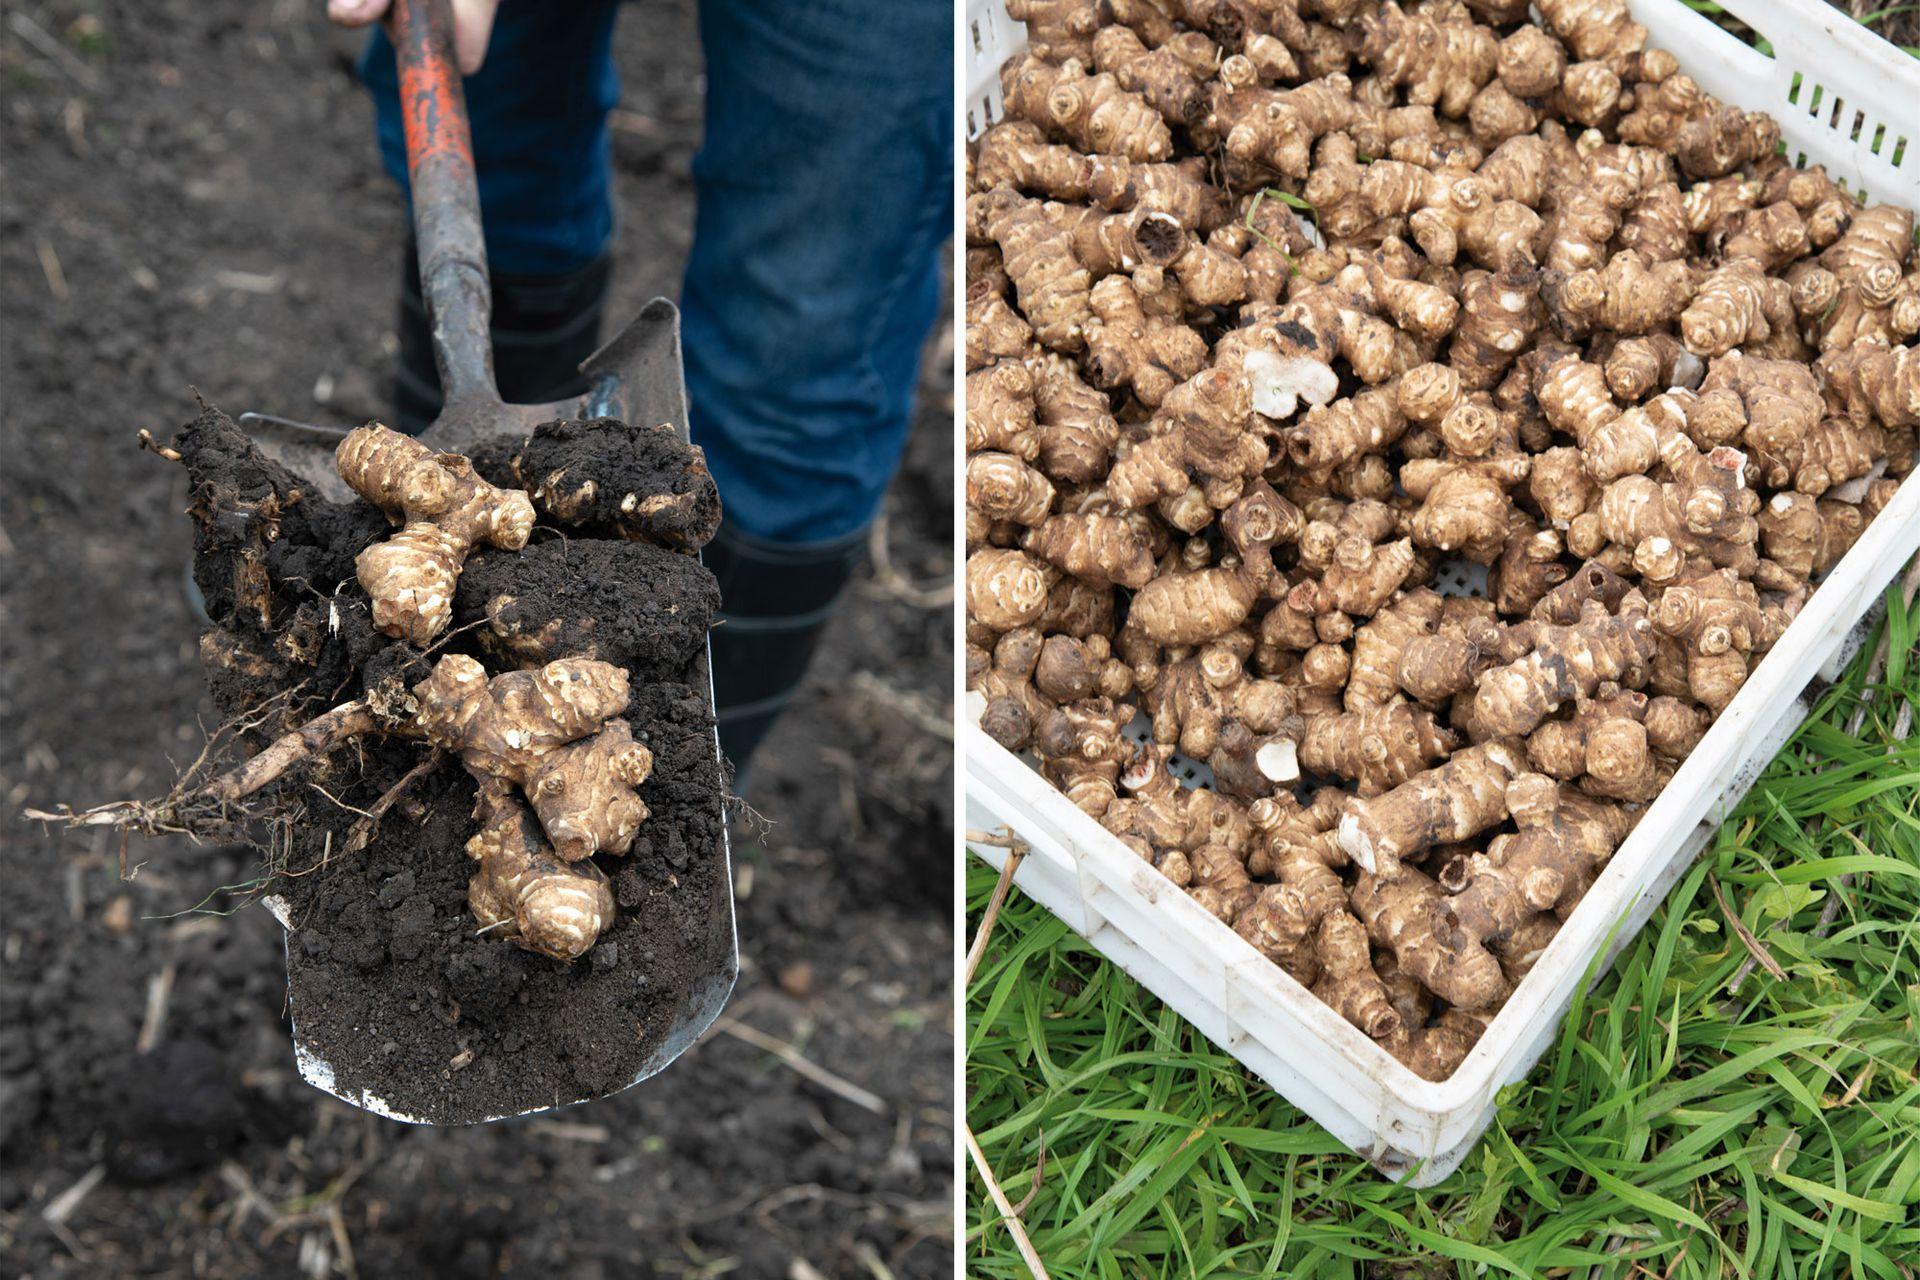 Los tubérculos de topinambur pueden cosecharse desde abril hasta octubre.  Lo ideal es conservarlos en tierra e ir cosechándolos a medida que se van consumiendo, pero también se pueden guardar en la heladera.